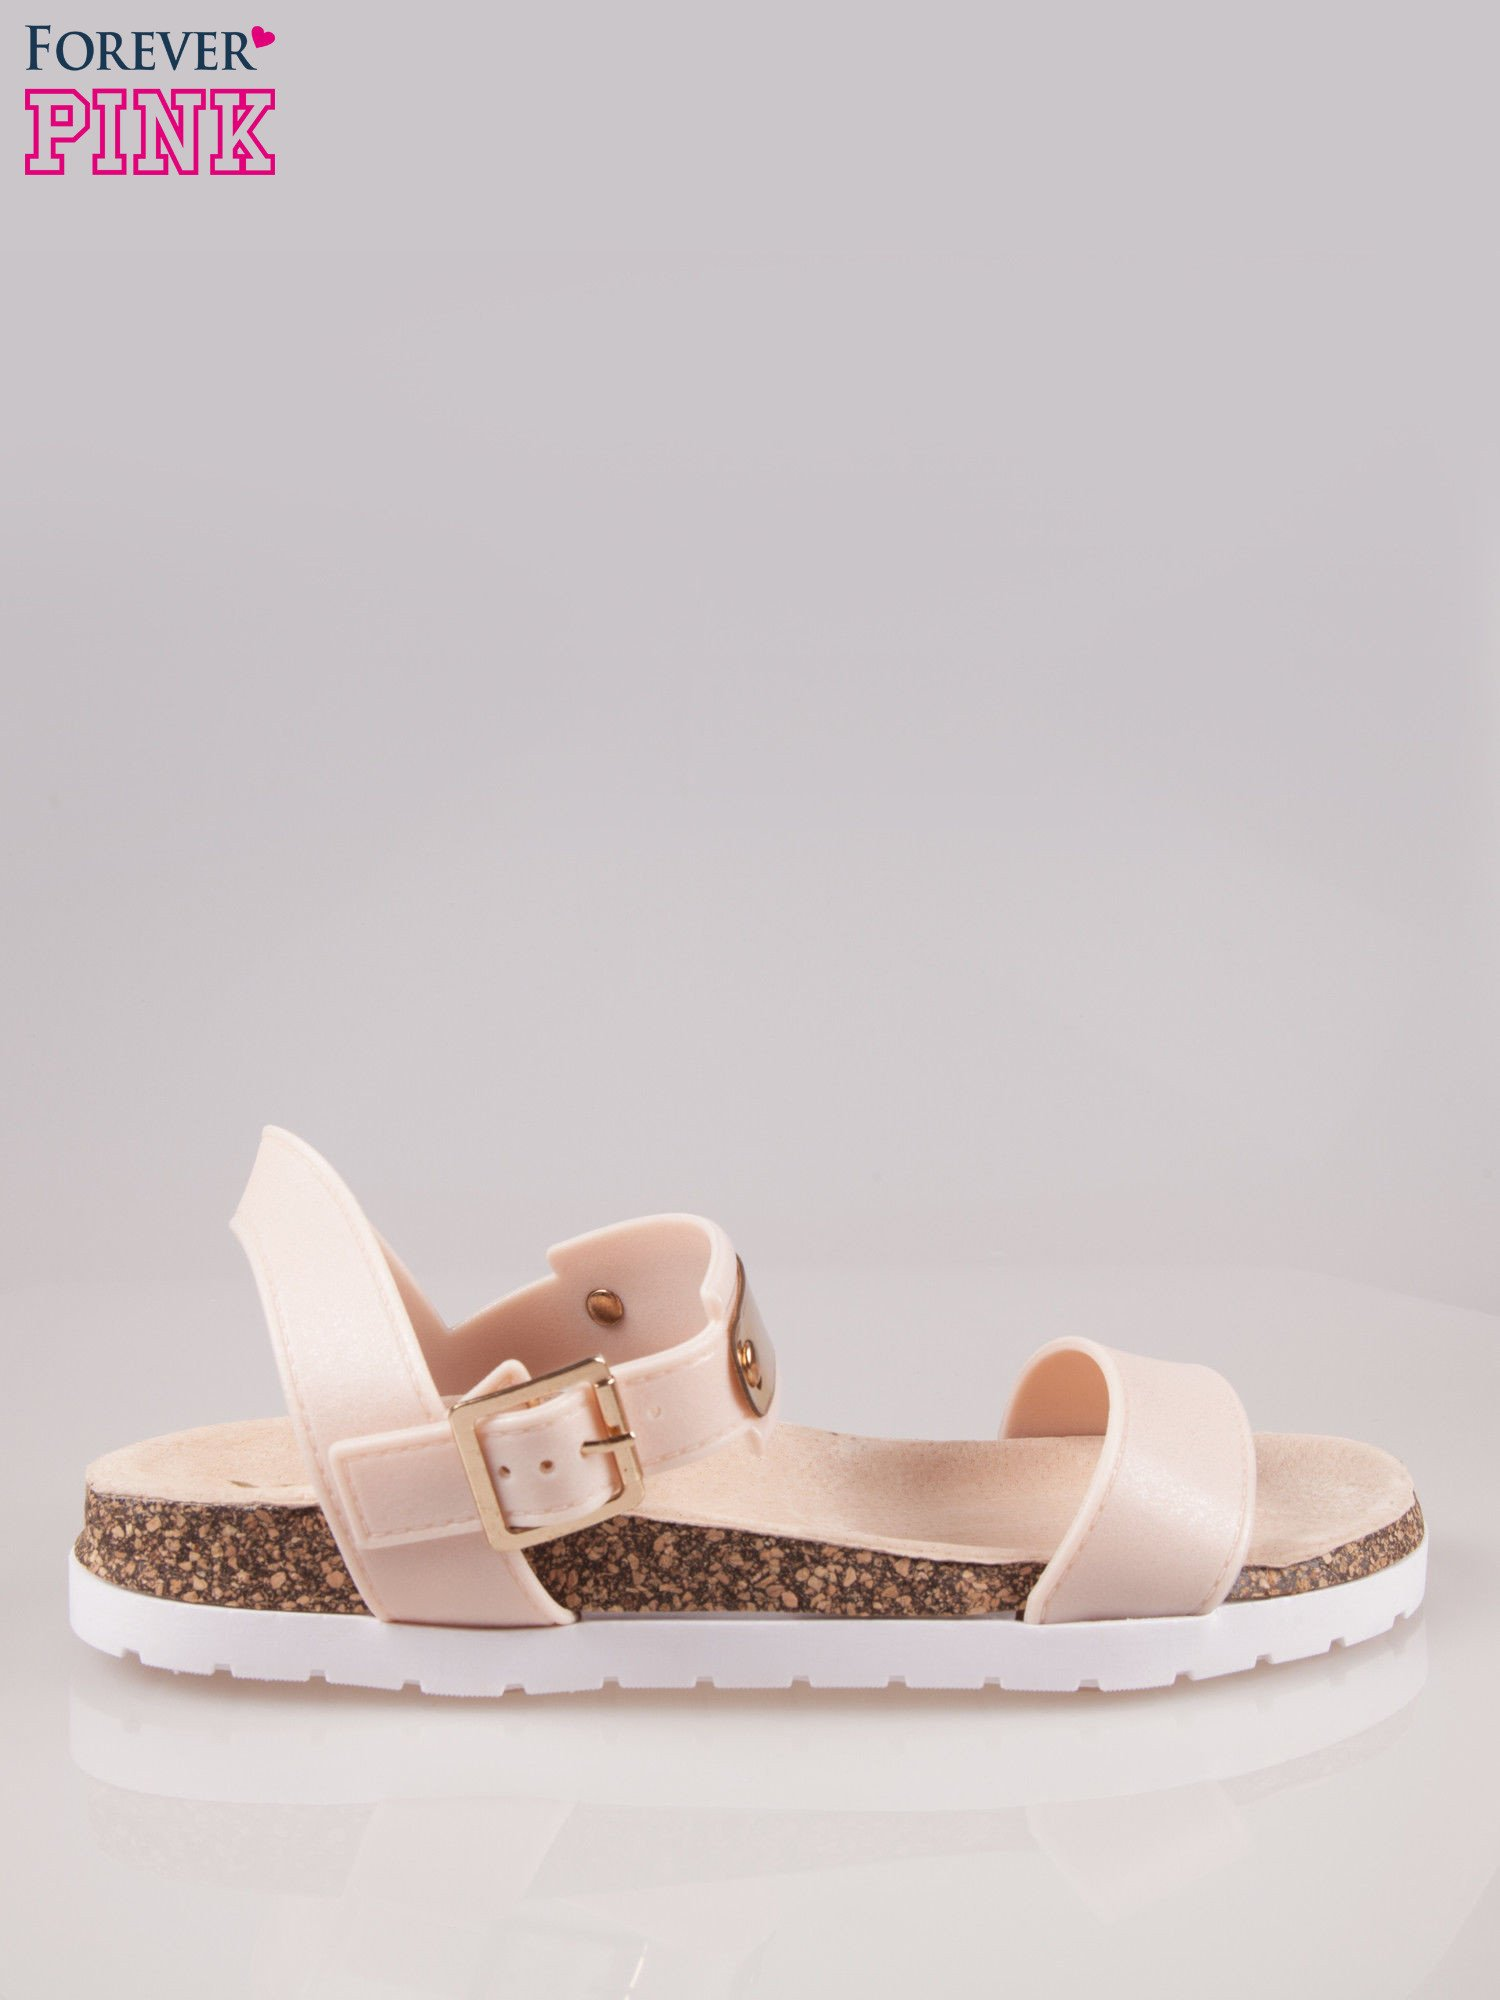 Beżowe płaskie sandały z blaszką na korkowej podeszwie                                  zdj.                                  1